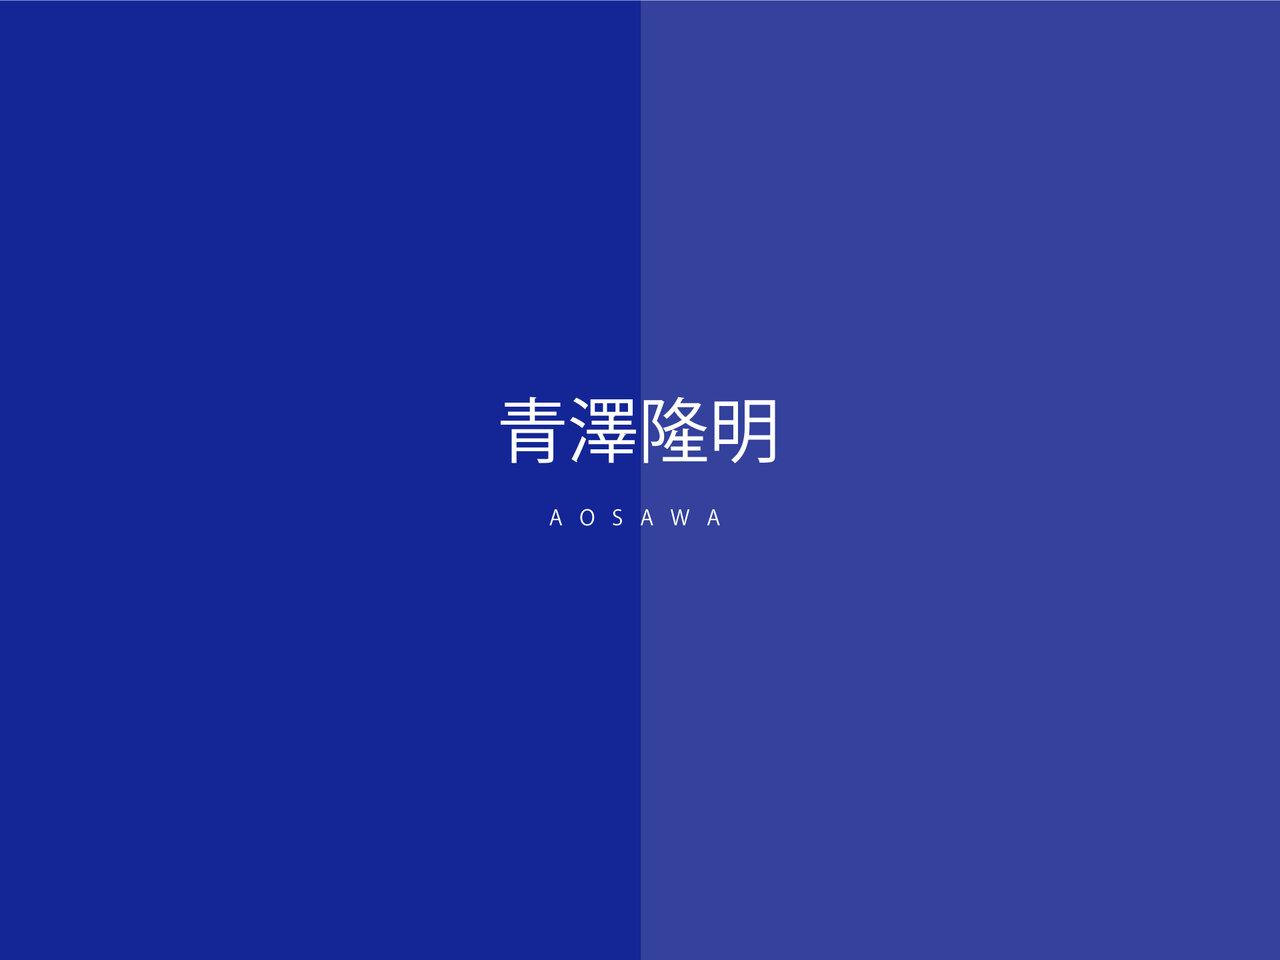 距離と密度、今夏の実験 - フェスタサマーミューザ KAWASAKI 2020を聴いて (1)